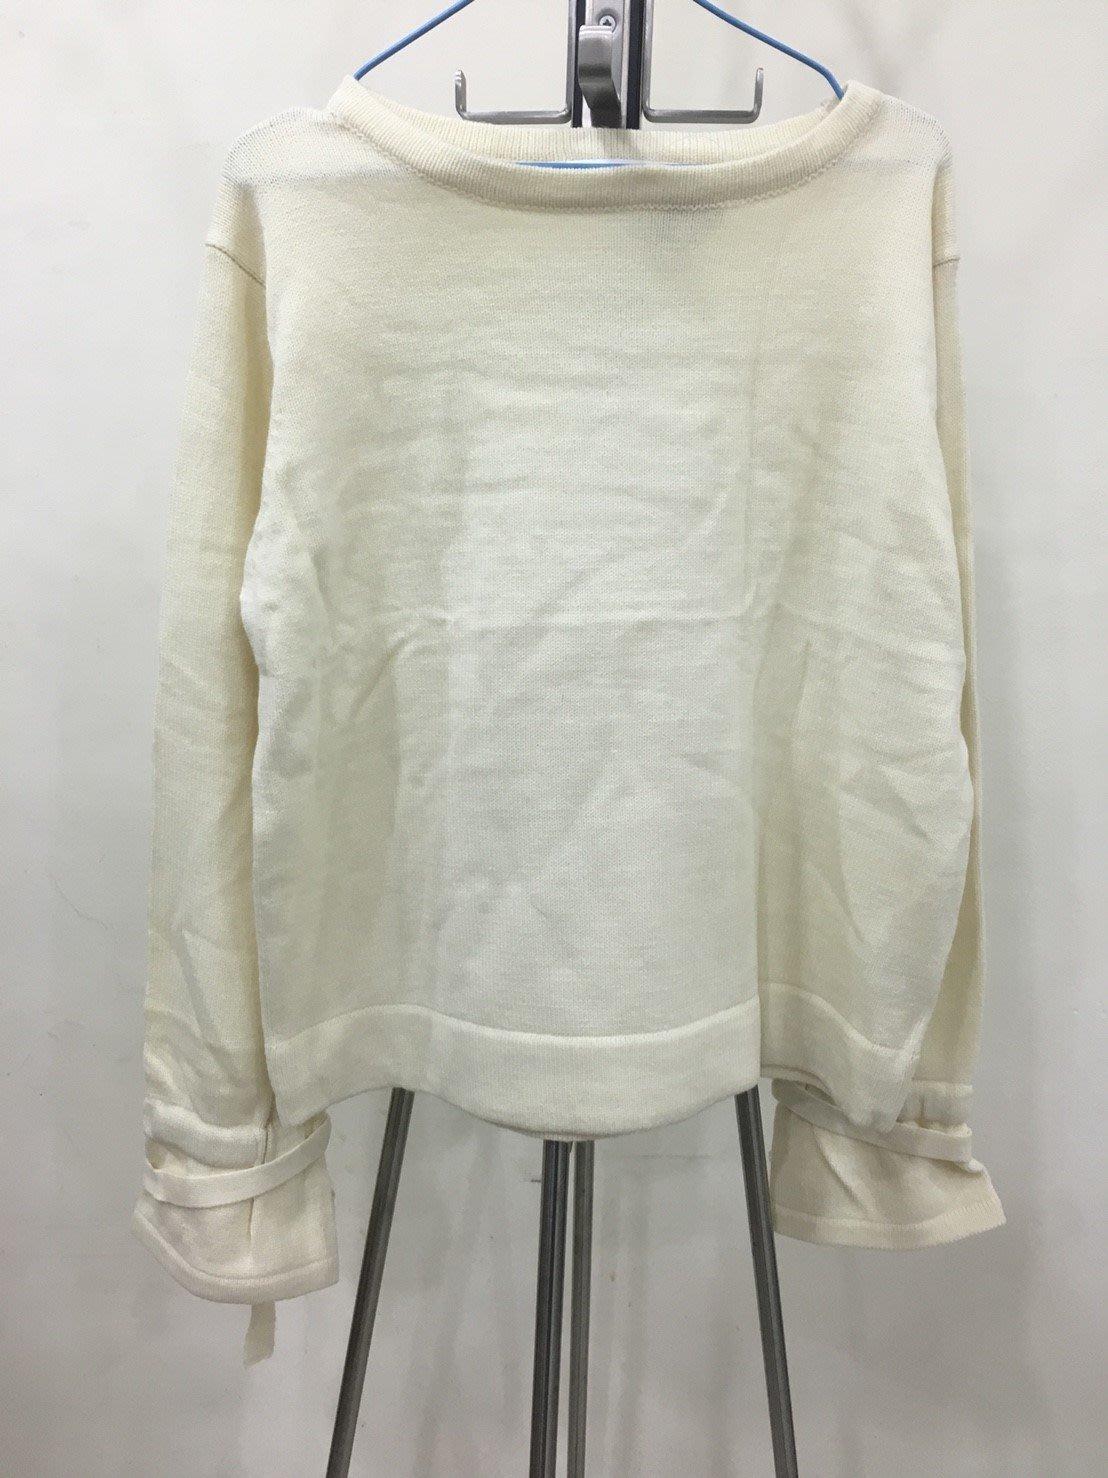 [日本全新現貨] LOWRYS FARM 白色長袖針織衫 上衣 衣服 L